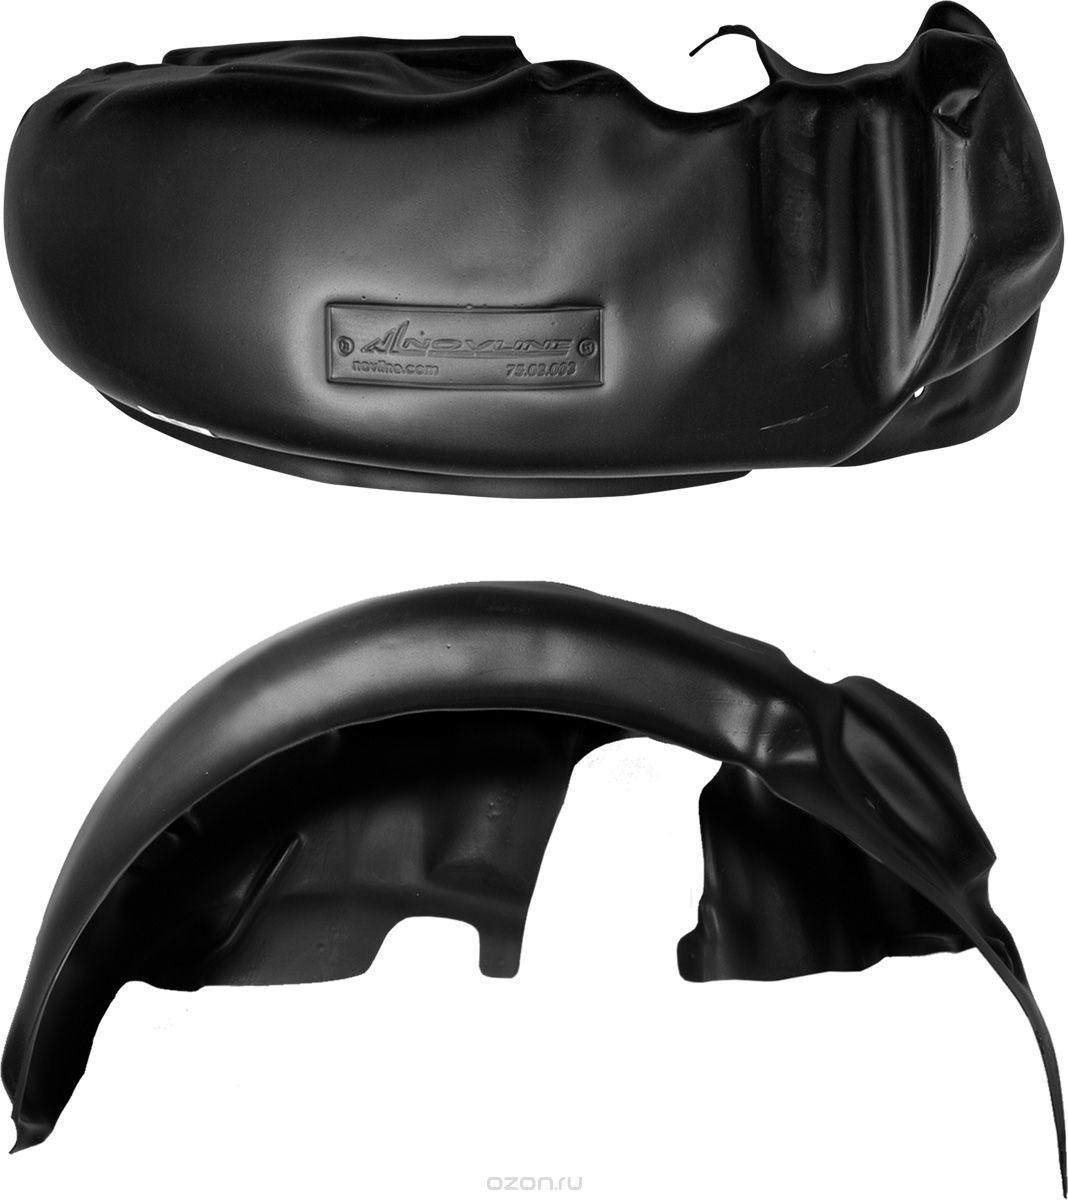 Подкрылок Novline-Autofamily, для Faw Besturn B50, 2012->, передний правыйNLL.62.12.002Идеальная защита колесной ниши. Локеры разработаны с применением цифровых технологий, гарантируют максимальную повторяемость поверхности арки. Изделия устанавливаются без нарушения лакокрасочного покрытия автомобиля, каждый подкрылок комплектуется крепежом. Уважаемые клиенты, обращаем ваше внимание, что фотографии на подкрылки универсальные и не отражают реальную форму изделия. При этом само изделие идет точно под размер указанного автомобиля.